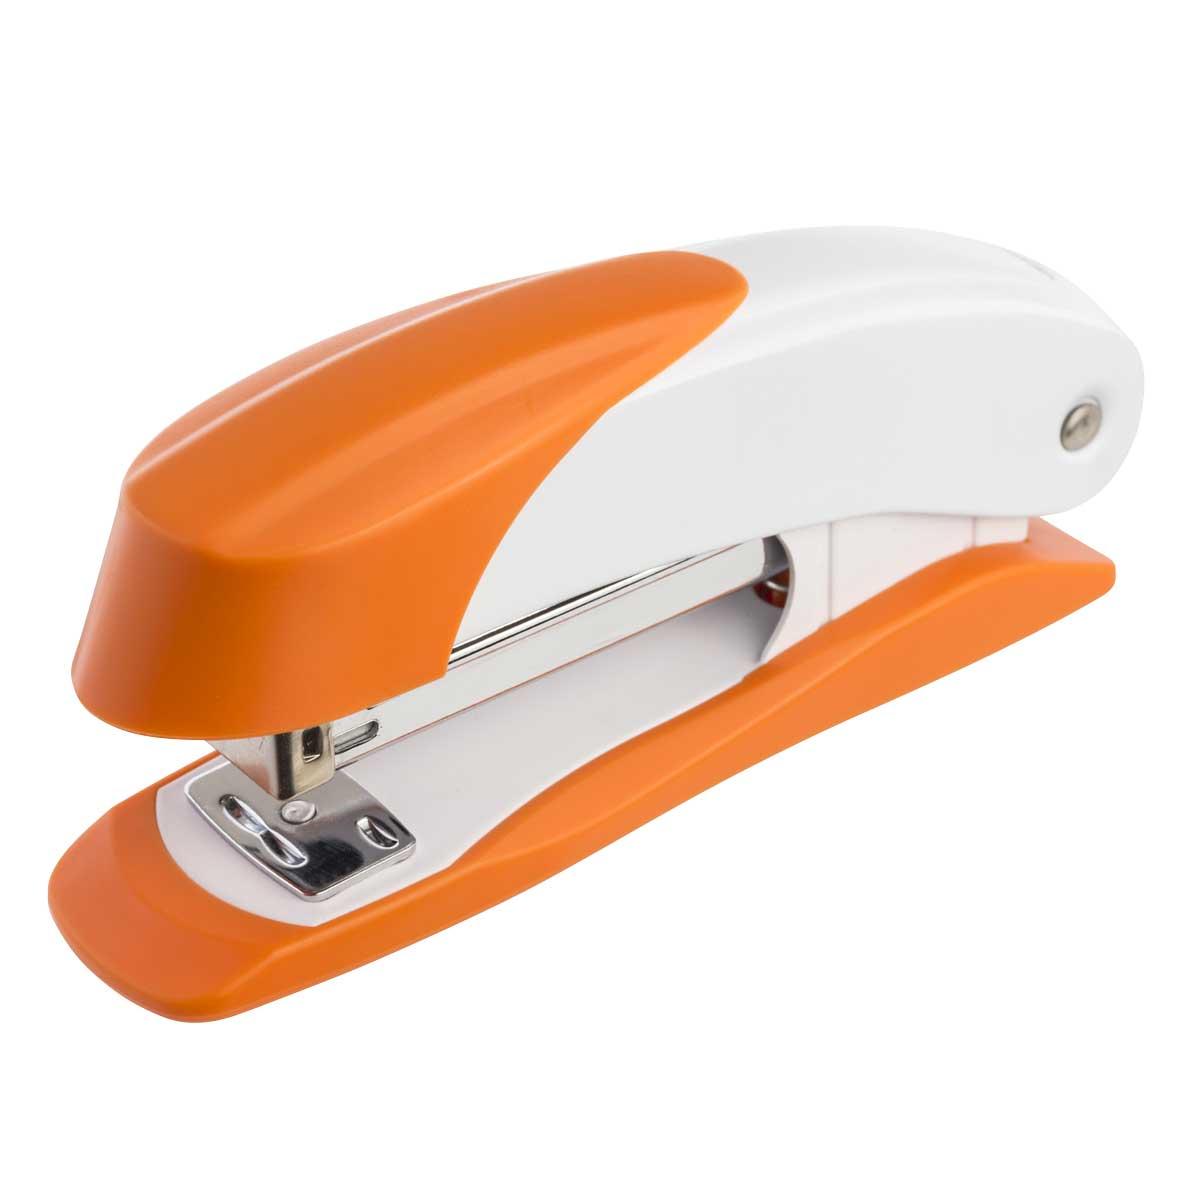 Laco Степлер Н400 скоба №24/6-№26/6 на 30 листов цвет оранжевый2630124Классический металлический степлер, загрузка до 100 скоб №24/6, №26/6. Пробивная толщина 30 листов. Глубина прошивки - 64 мм, открытое и закрытое скрепление. Цвет - оранжевый. Гарантия 5 лет